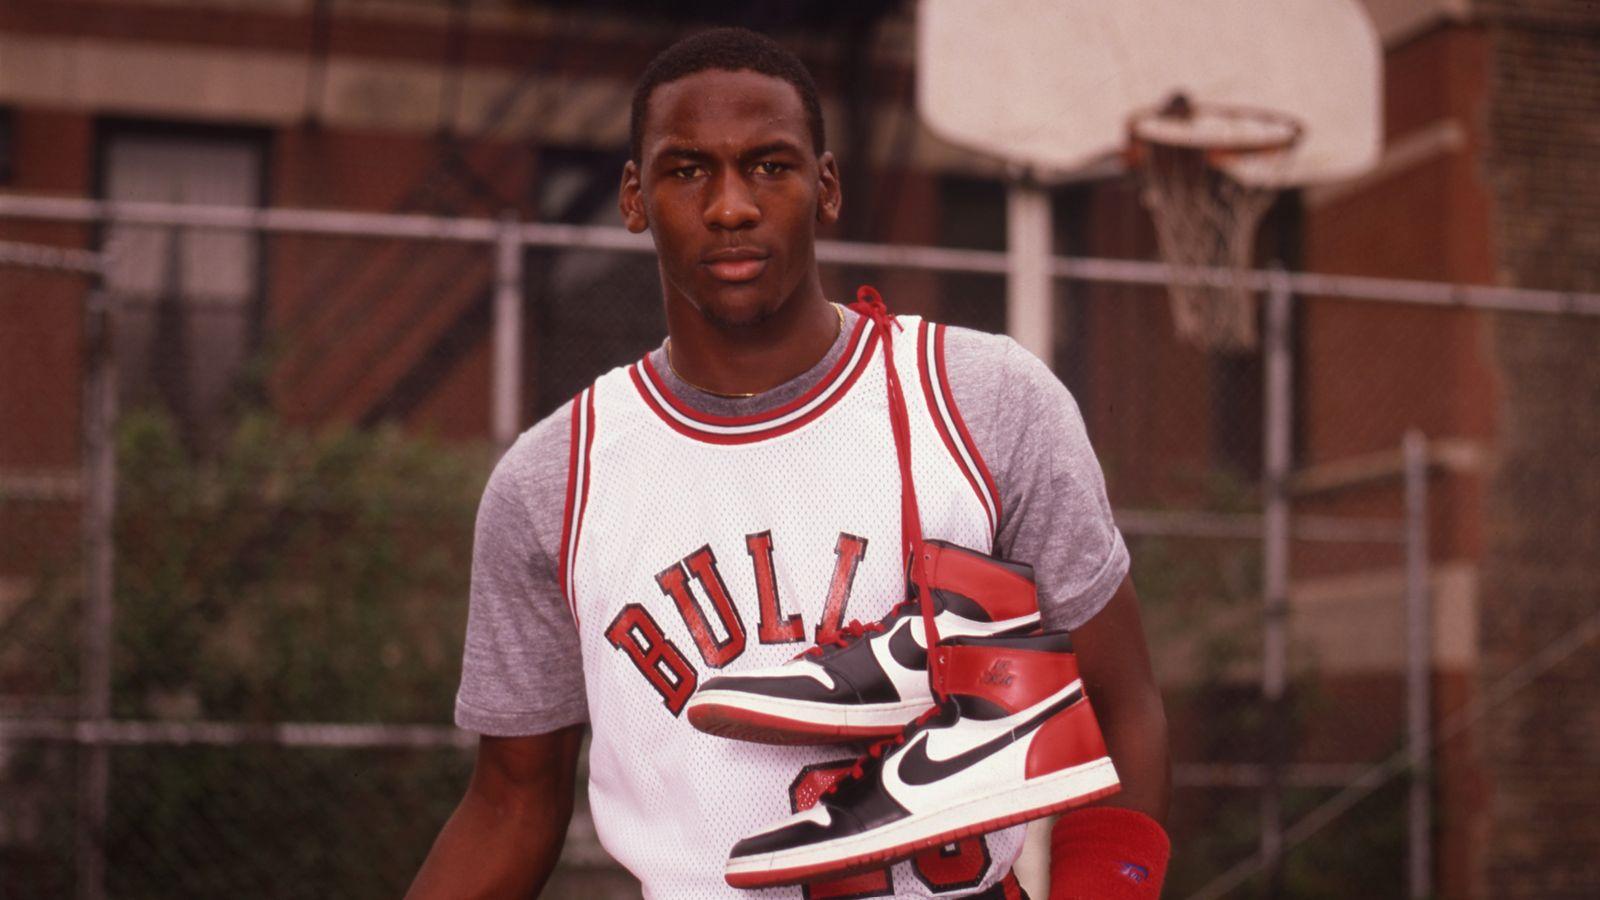 Oxidar recinto dirigir  A Look Back At Our Favorite Nike Basketball Signature Athletes •  KicksOnFire.com